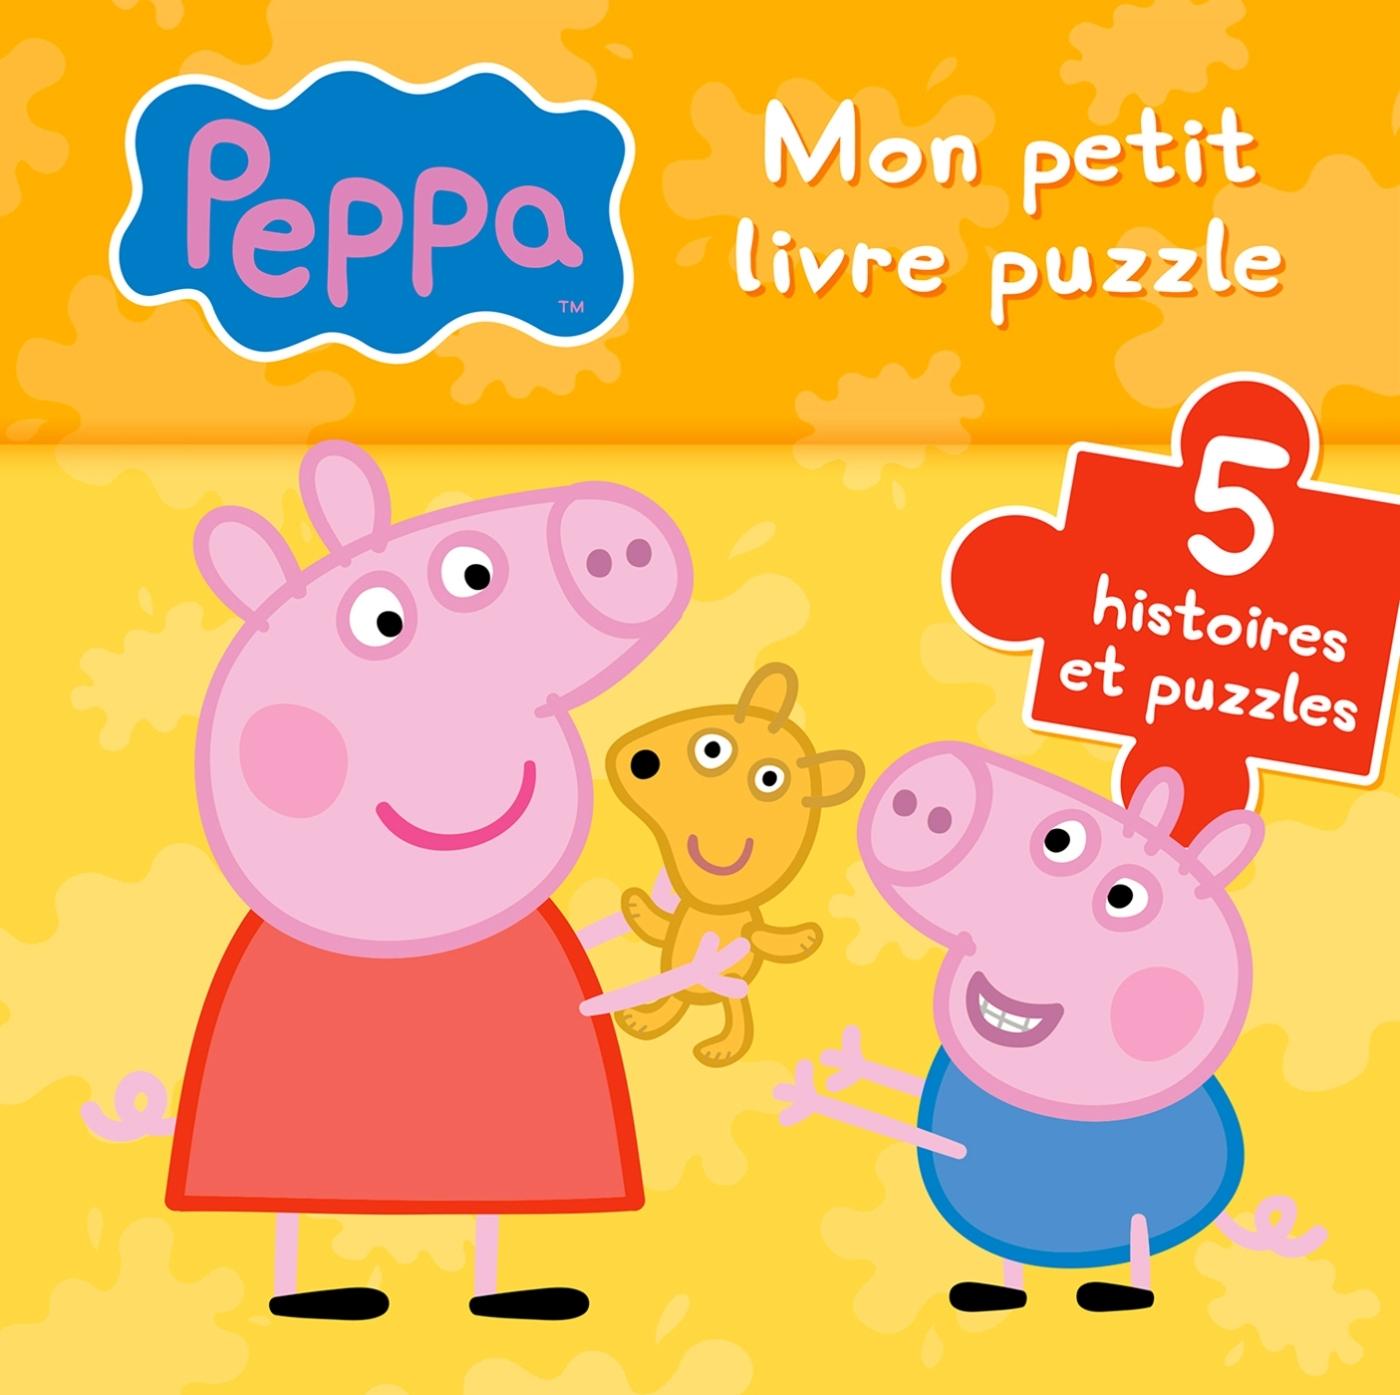 PEPPA / MON PETIT LIVRE PUZZLE